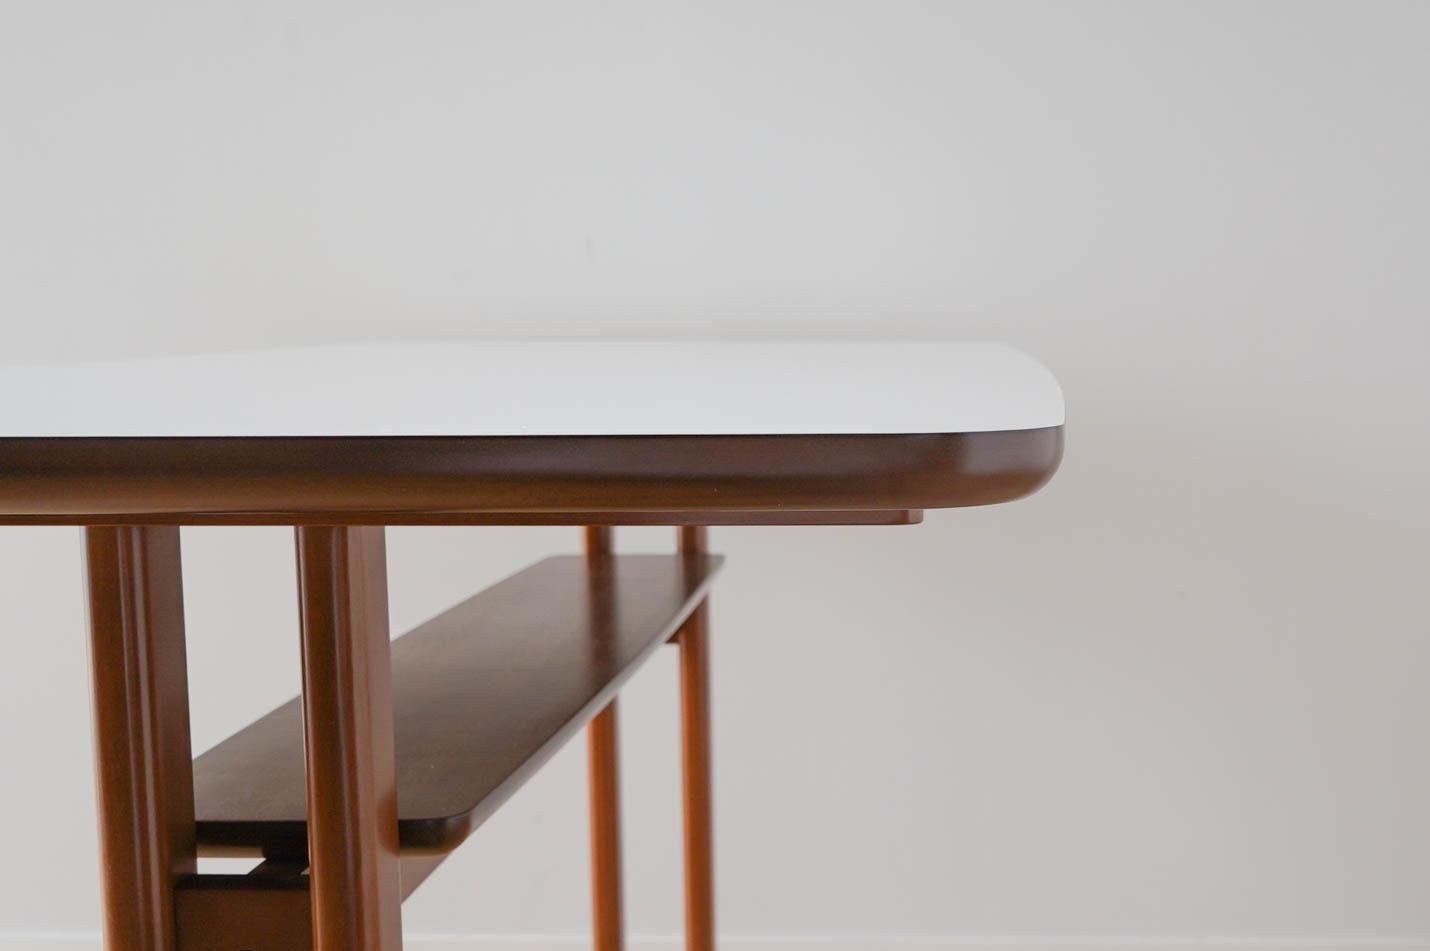 カリモク60+ カフェテーブル1200 天板エッジ